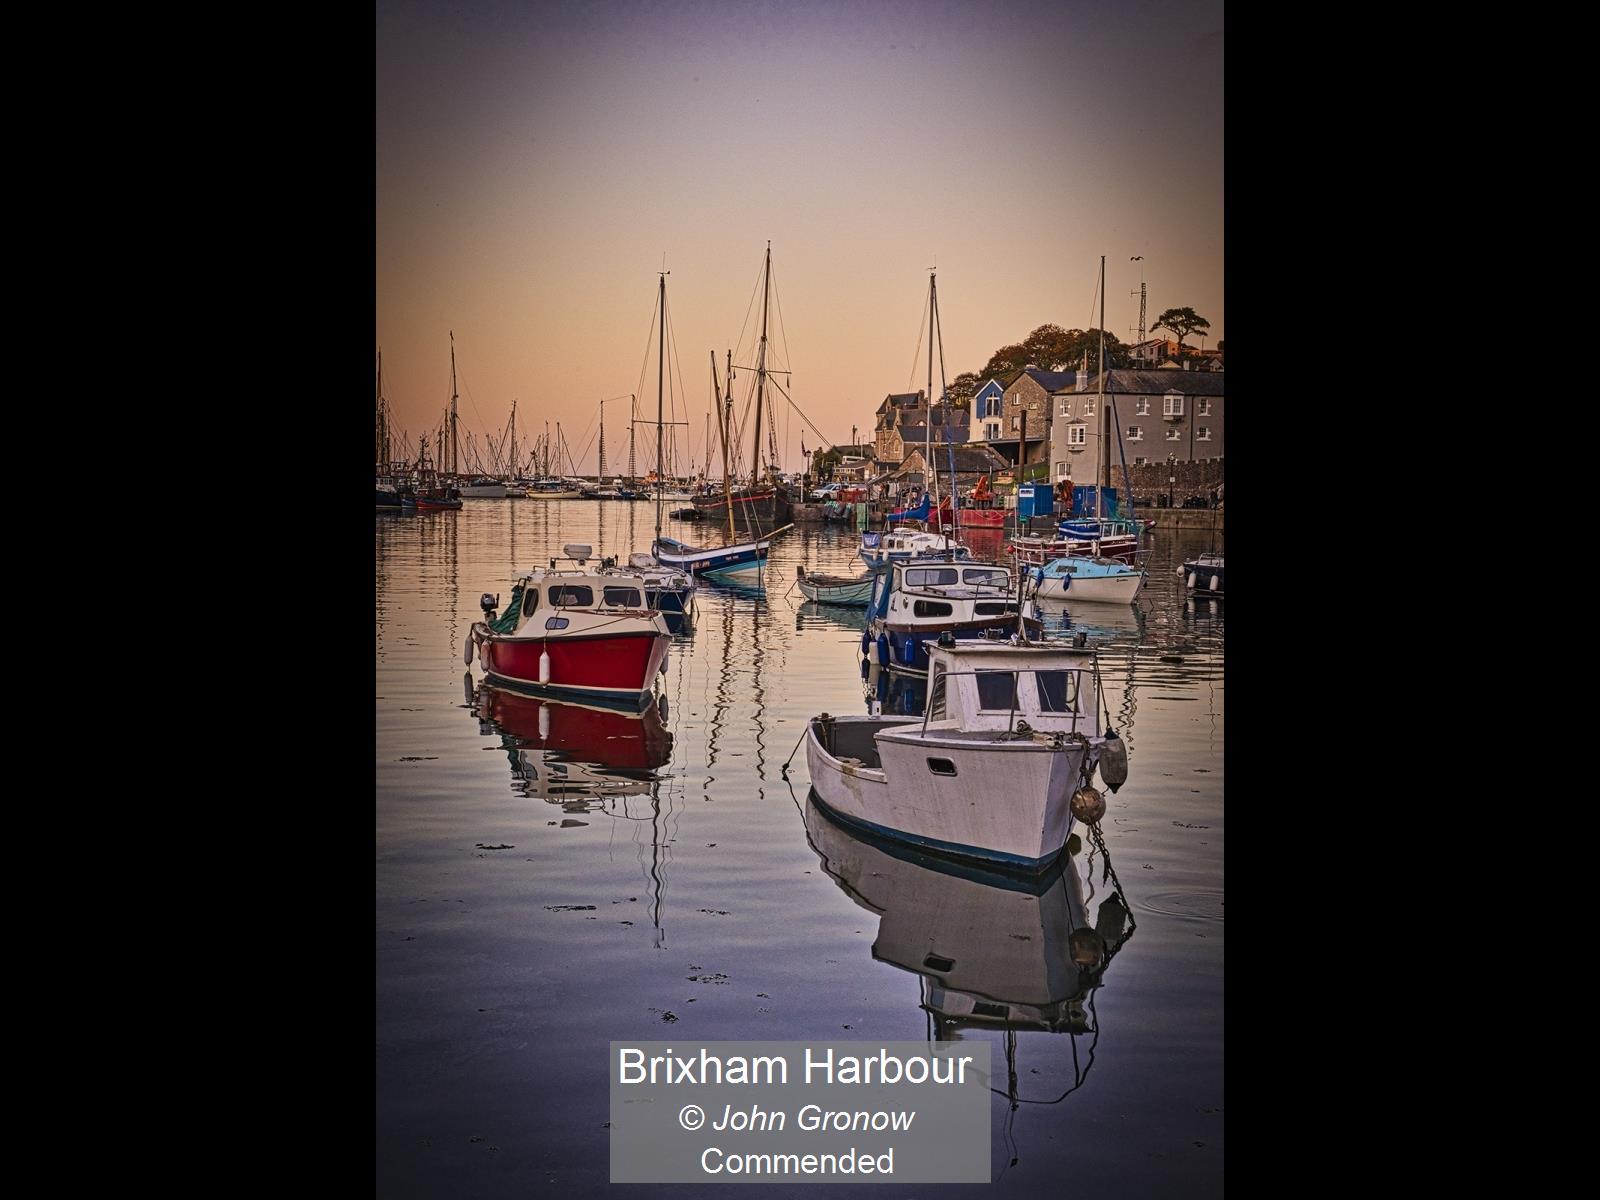 Brixham Harbour_John Gronow_Comm